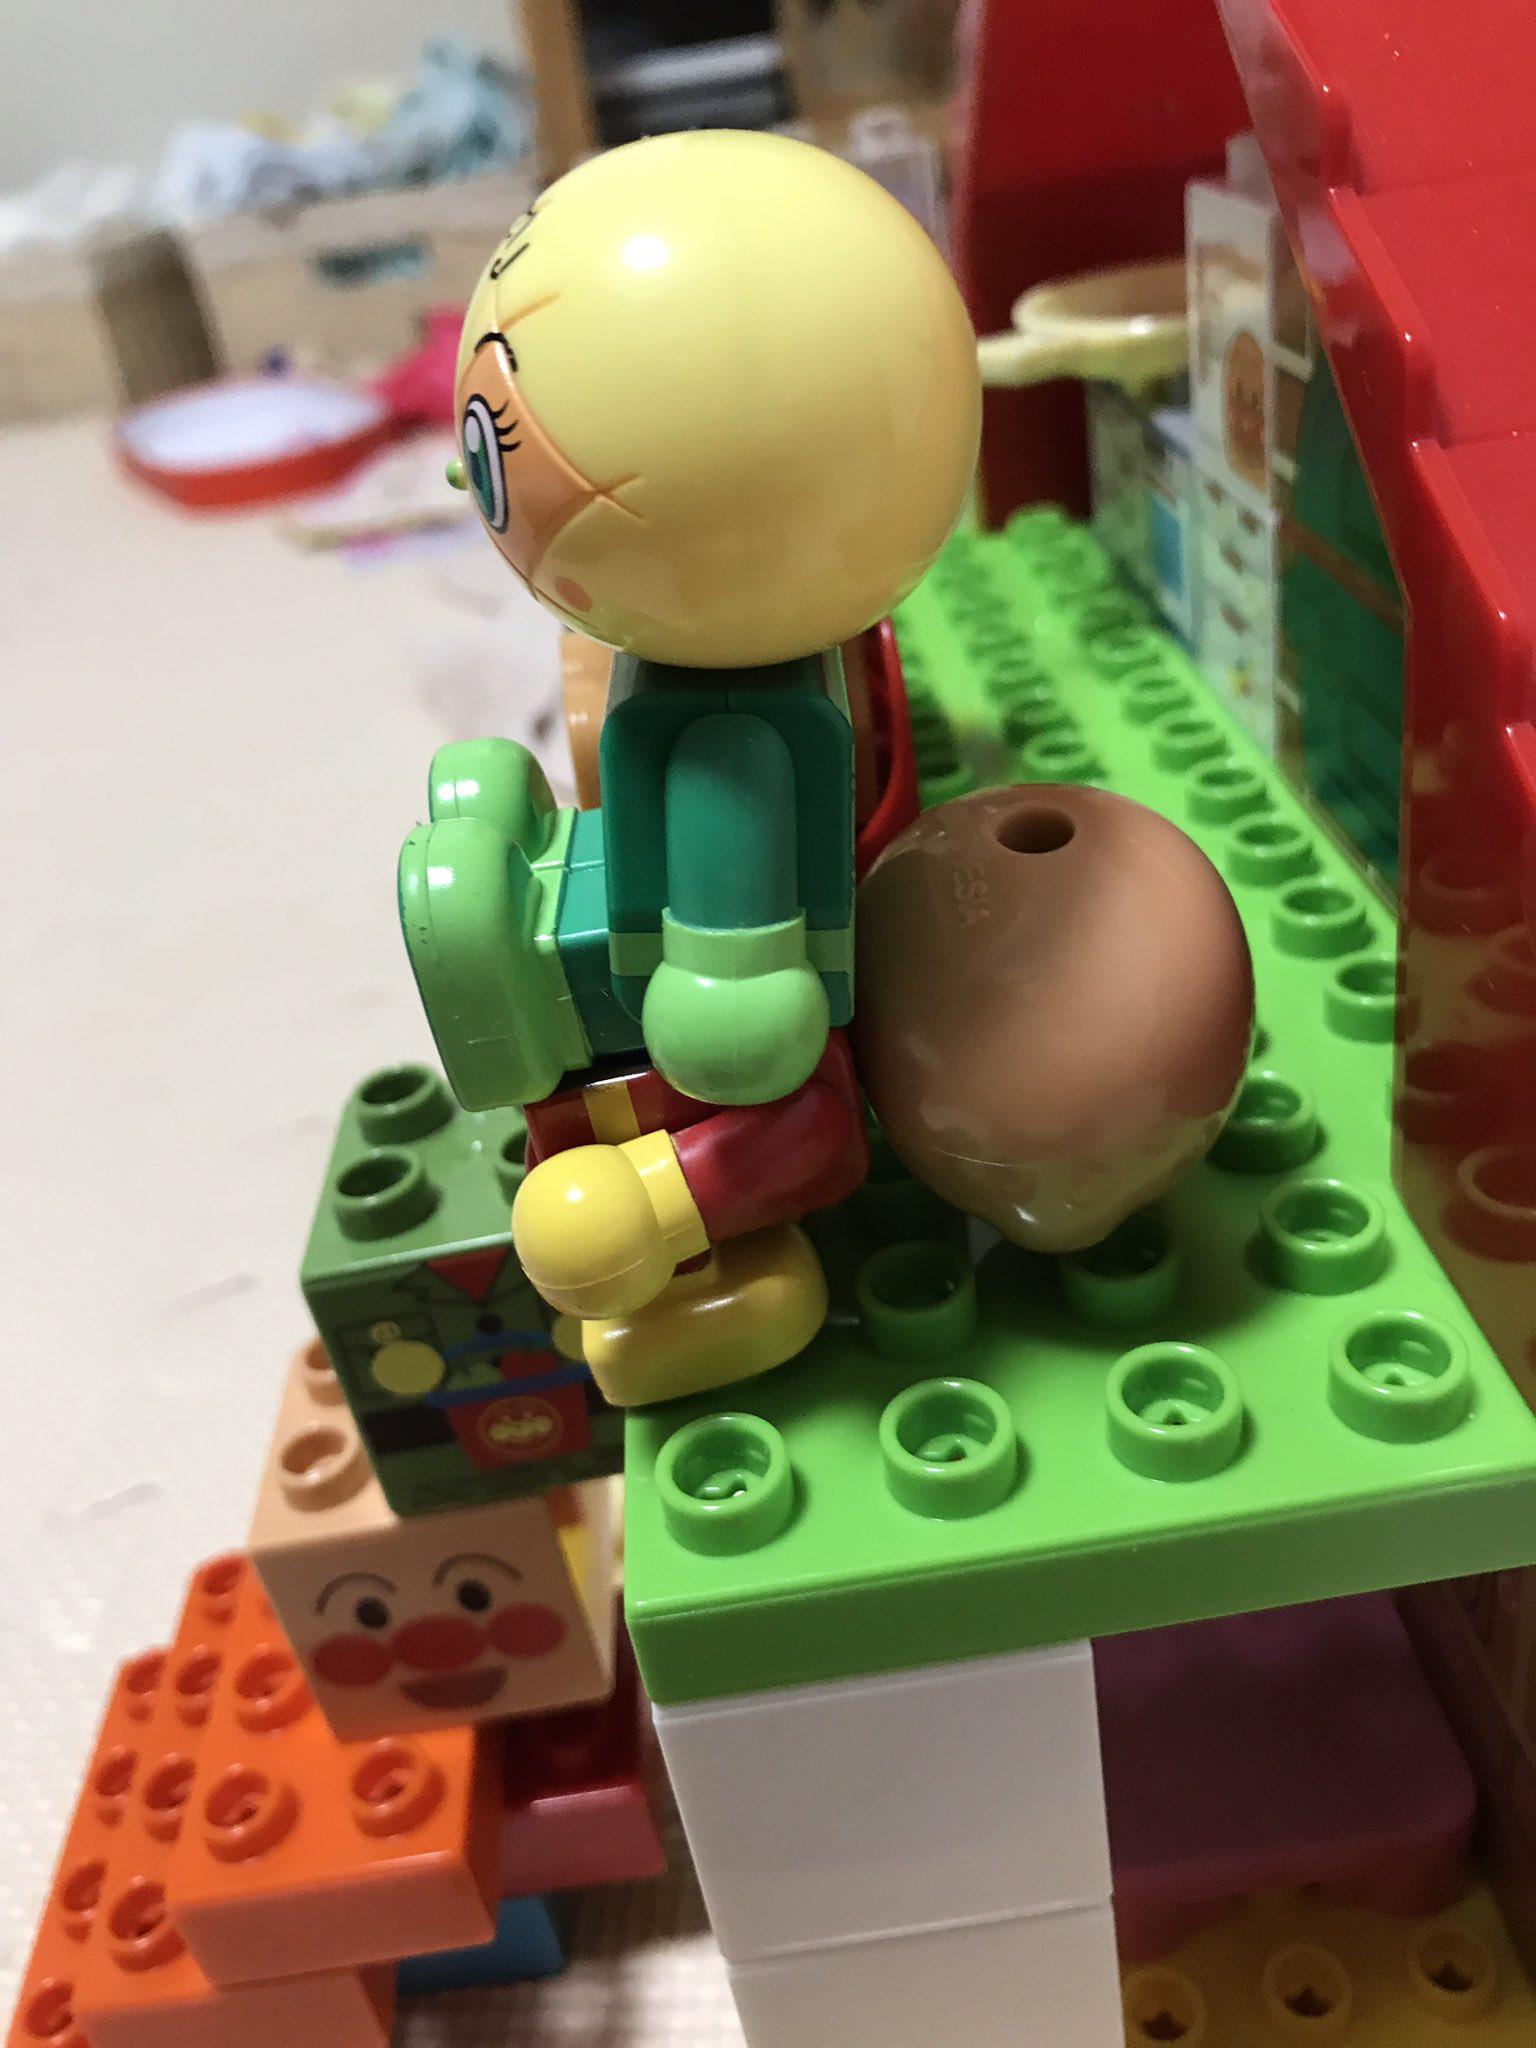 椅子が無慈悲すぎww子供が遊んでるアンパンマンブロックがやばいww